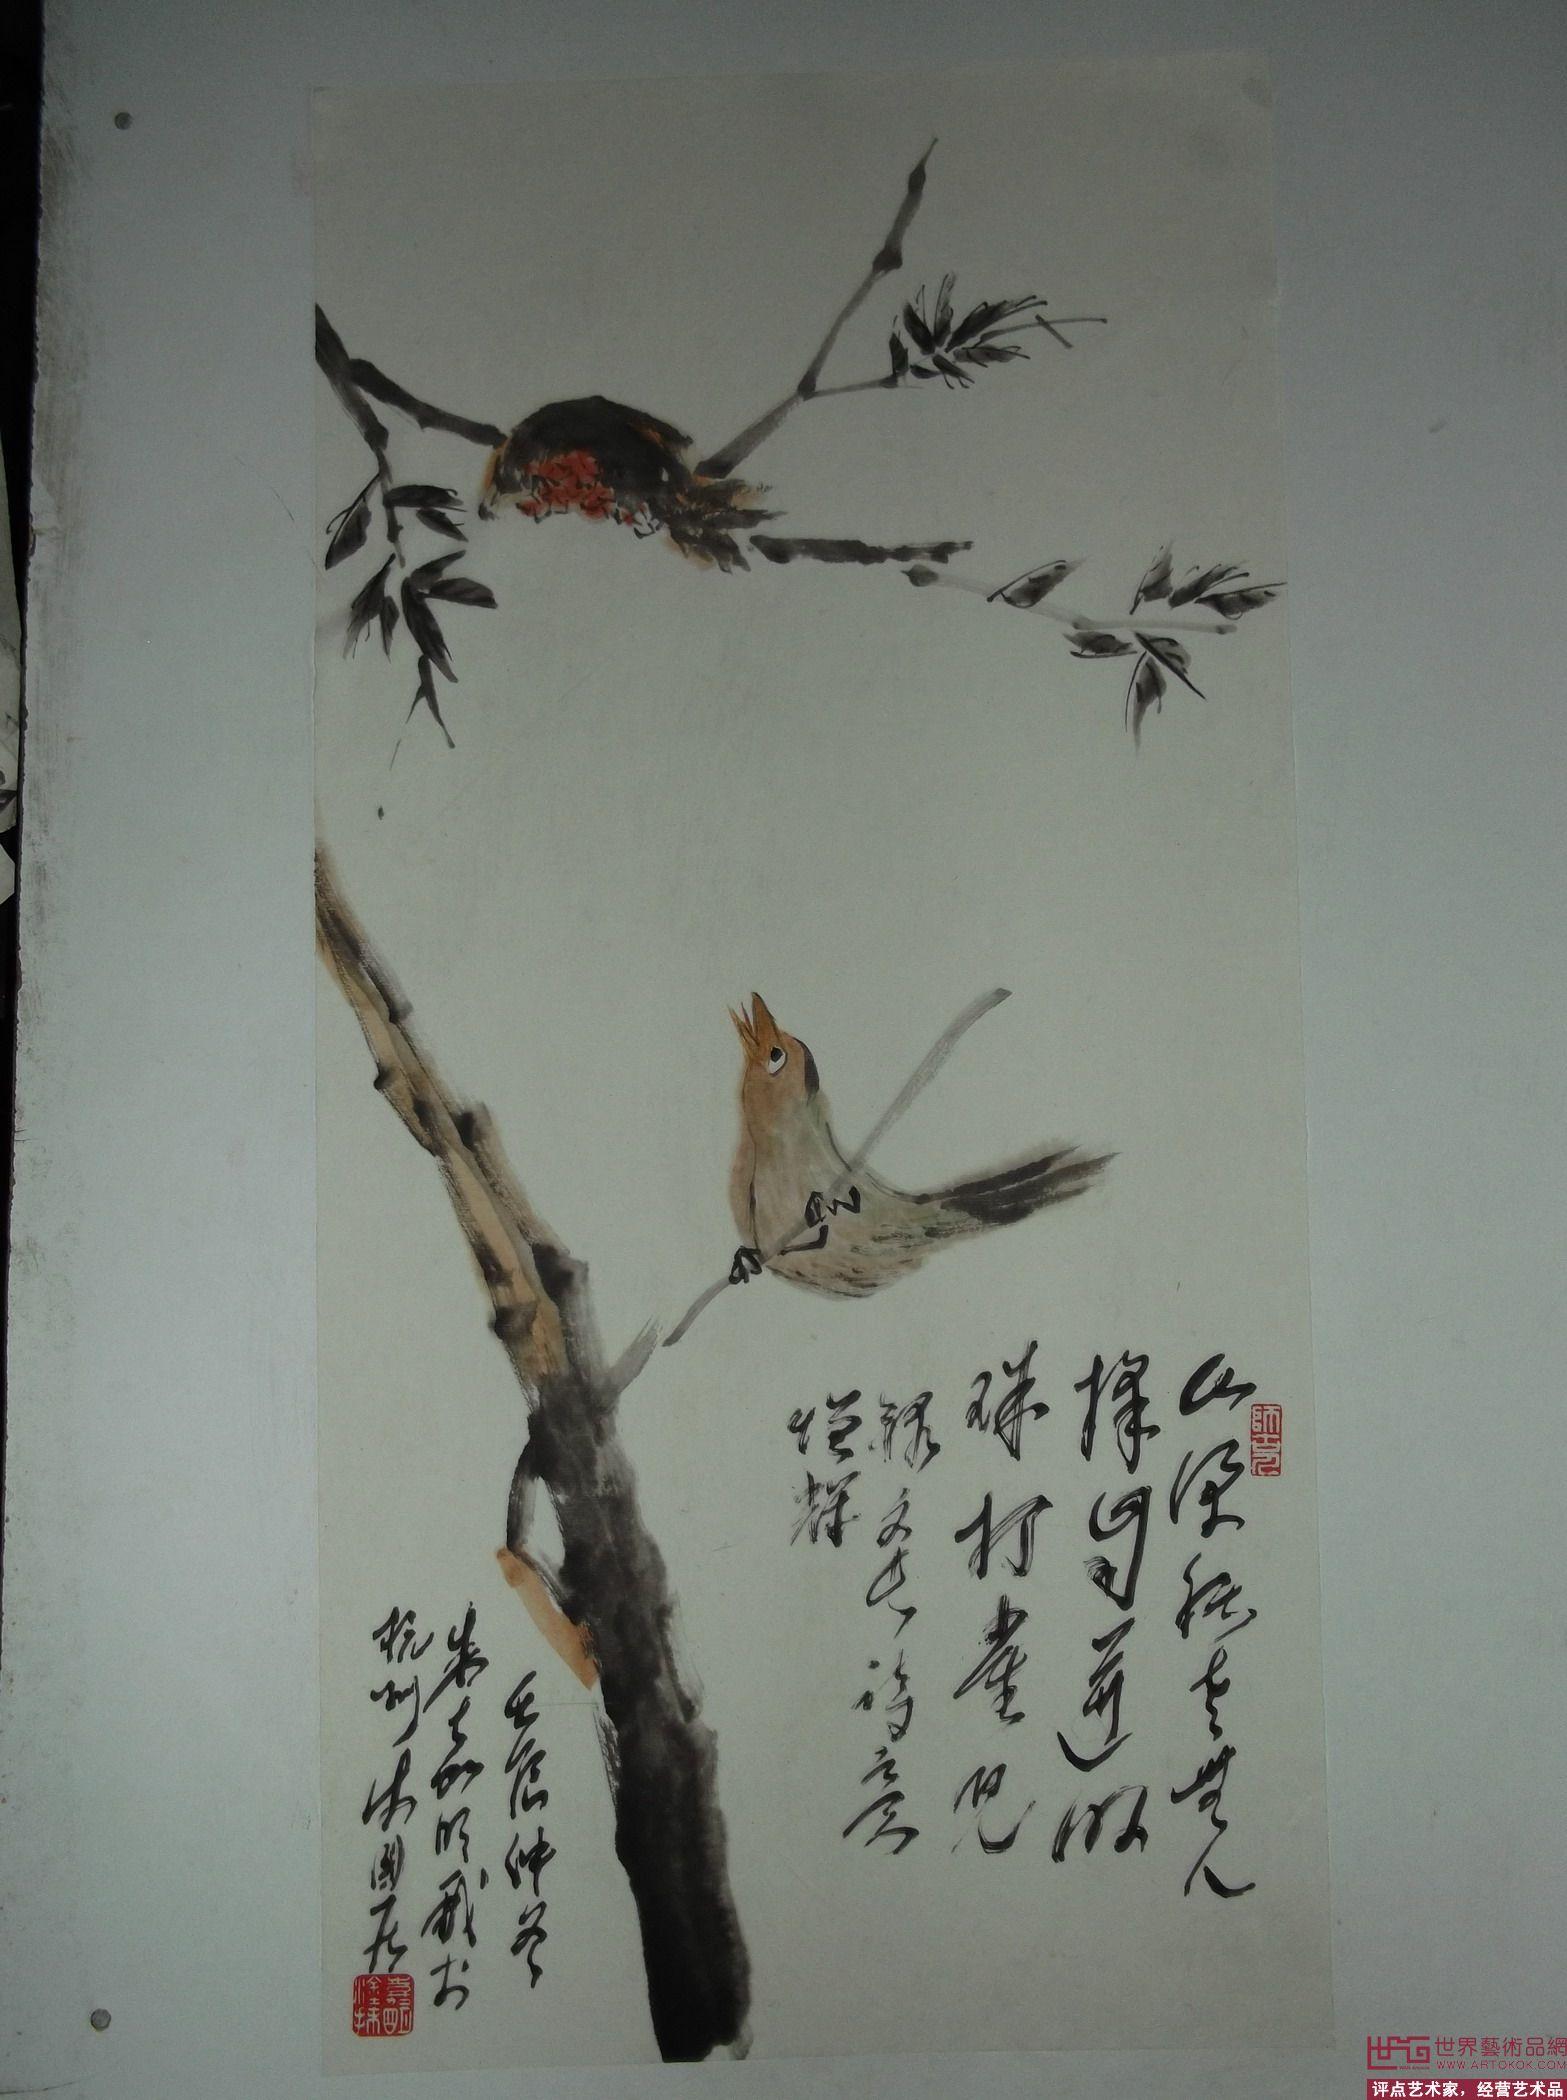 朱嘉明-石榴与鸟-淘宝-名人字画-中国书画交易中心